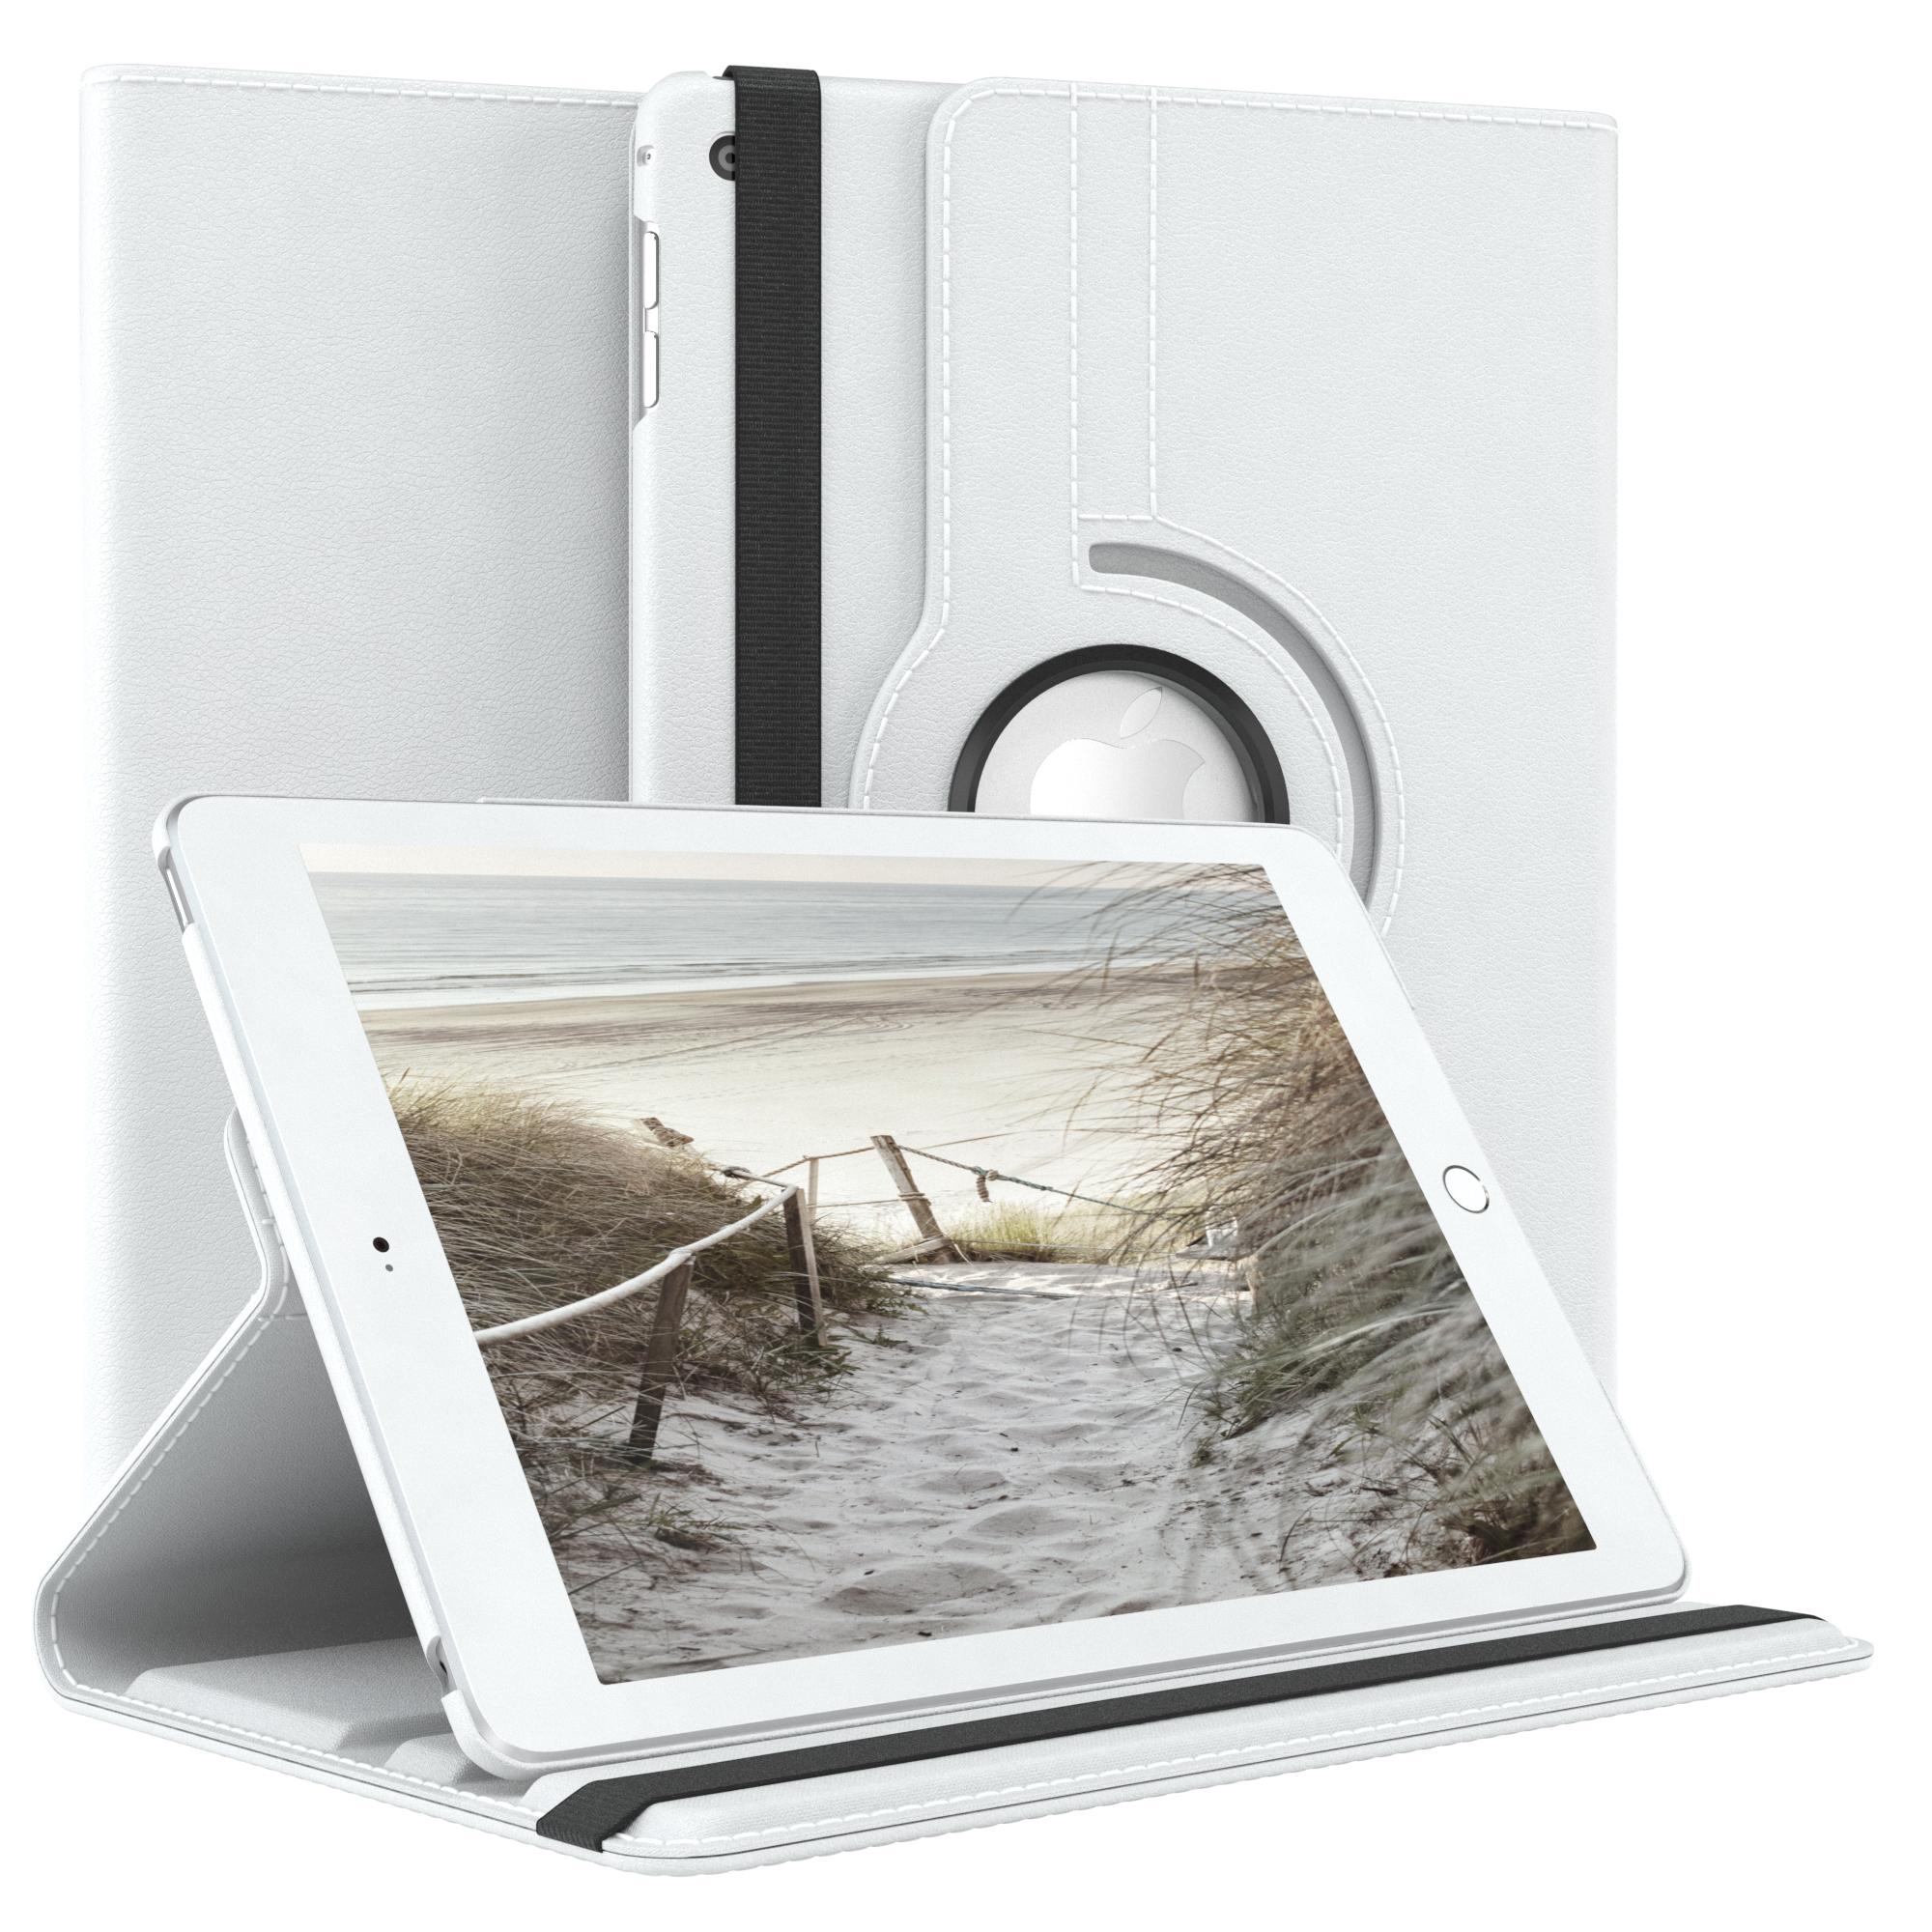 Tasche-fuer-Apple-iPad-Smart-Case-Schutz-Huelle-Etui-Tasche-Bumper-Flip-Cover-360 Indexbild 10